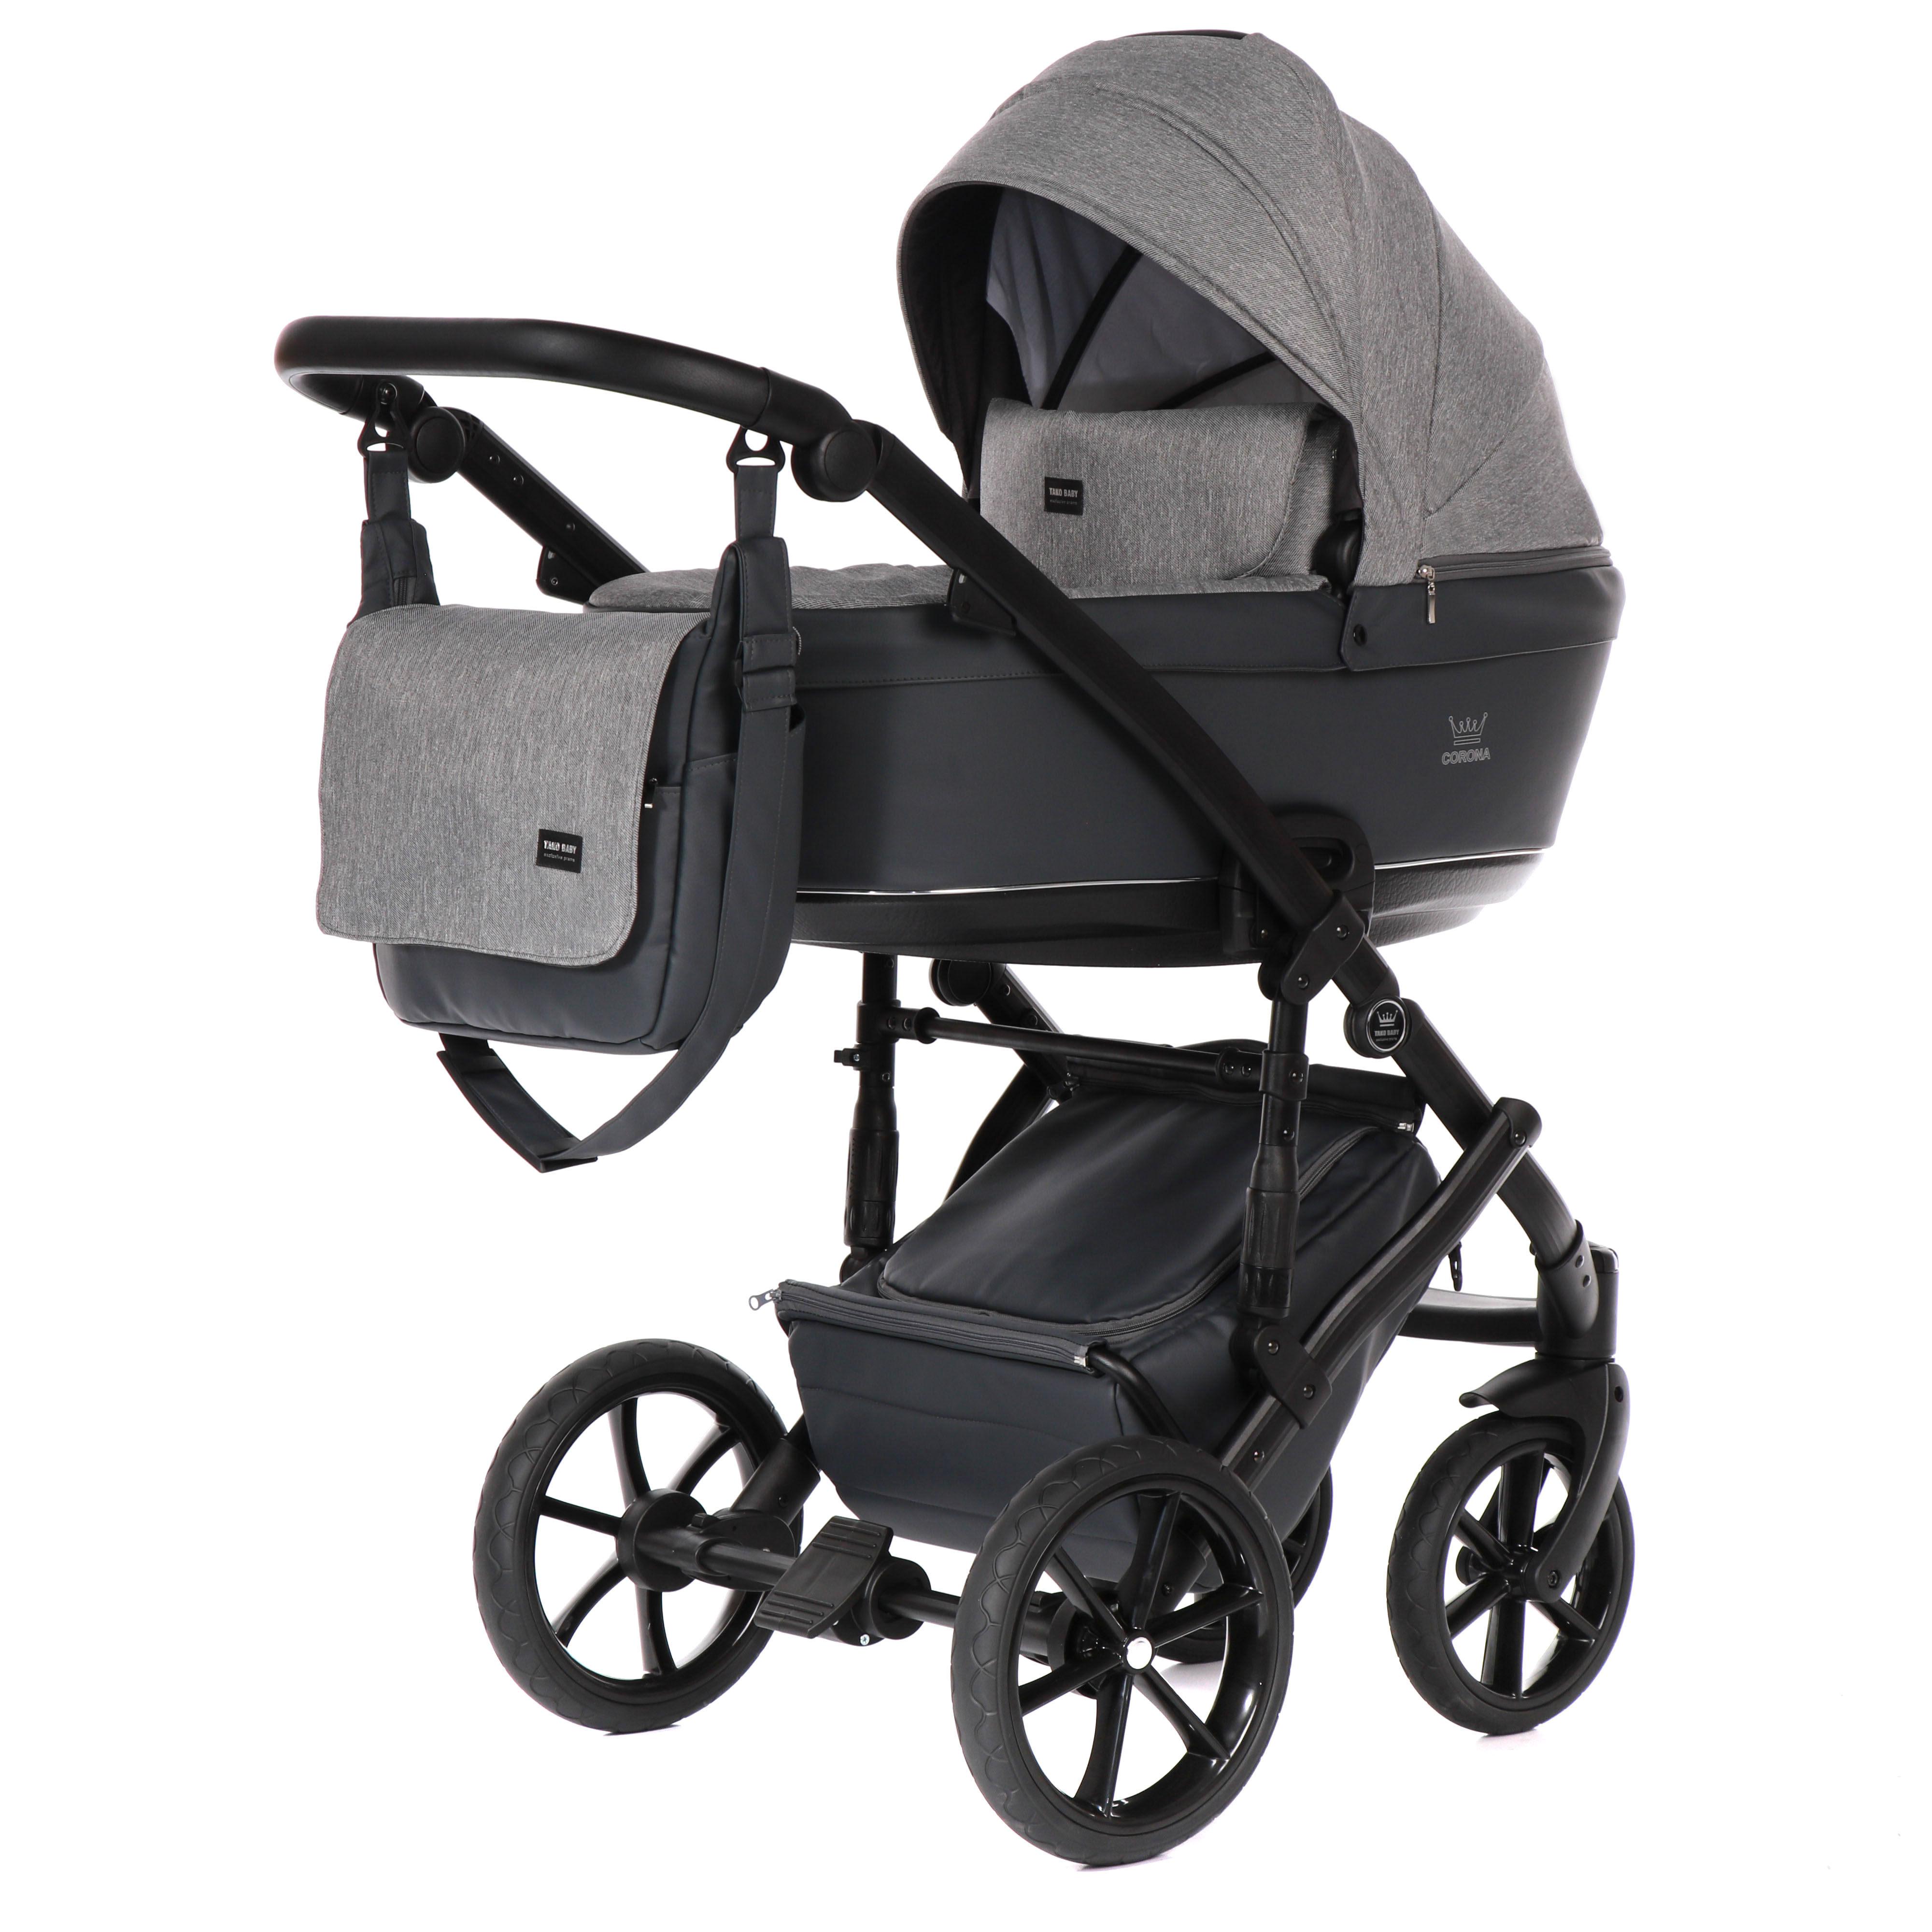 wózek dziecięcy Corona Lite Tako wielofunkcyjny Dadi Shop